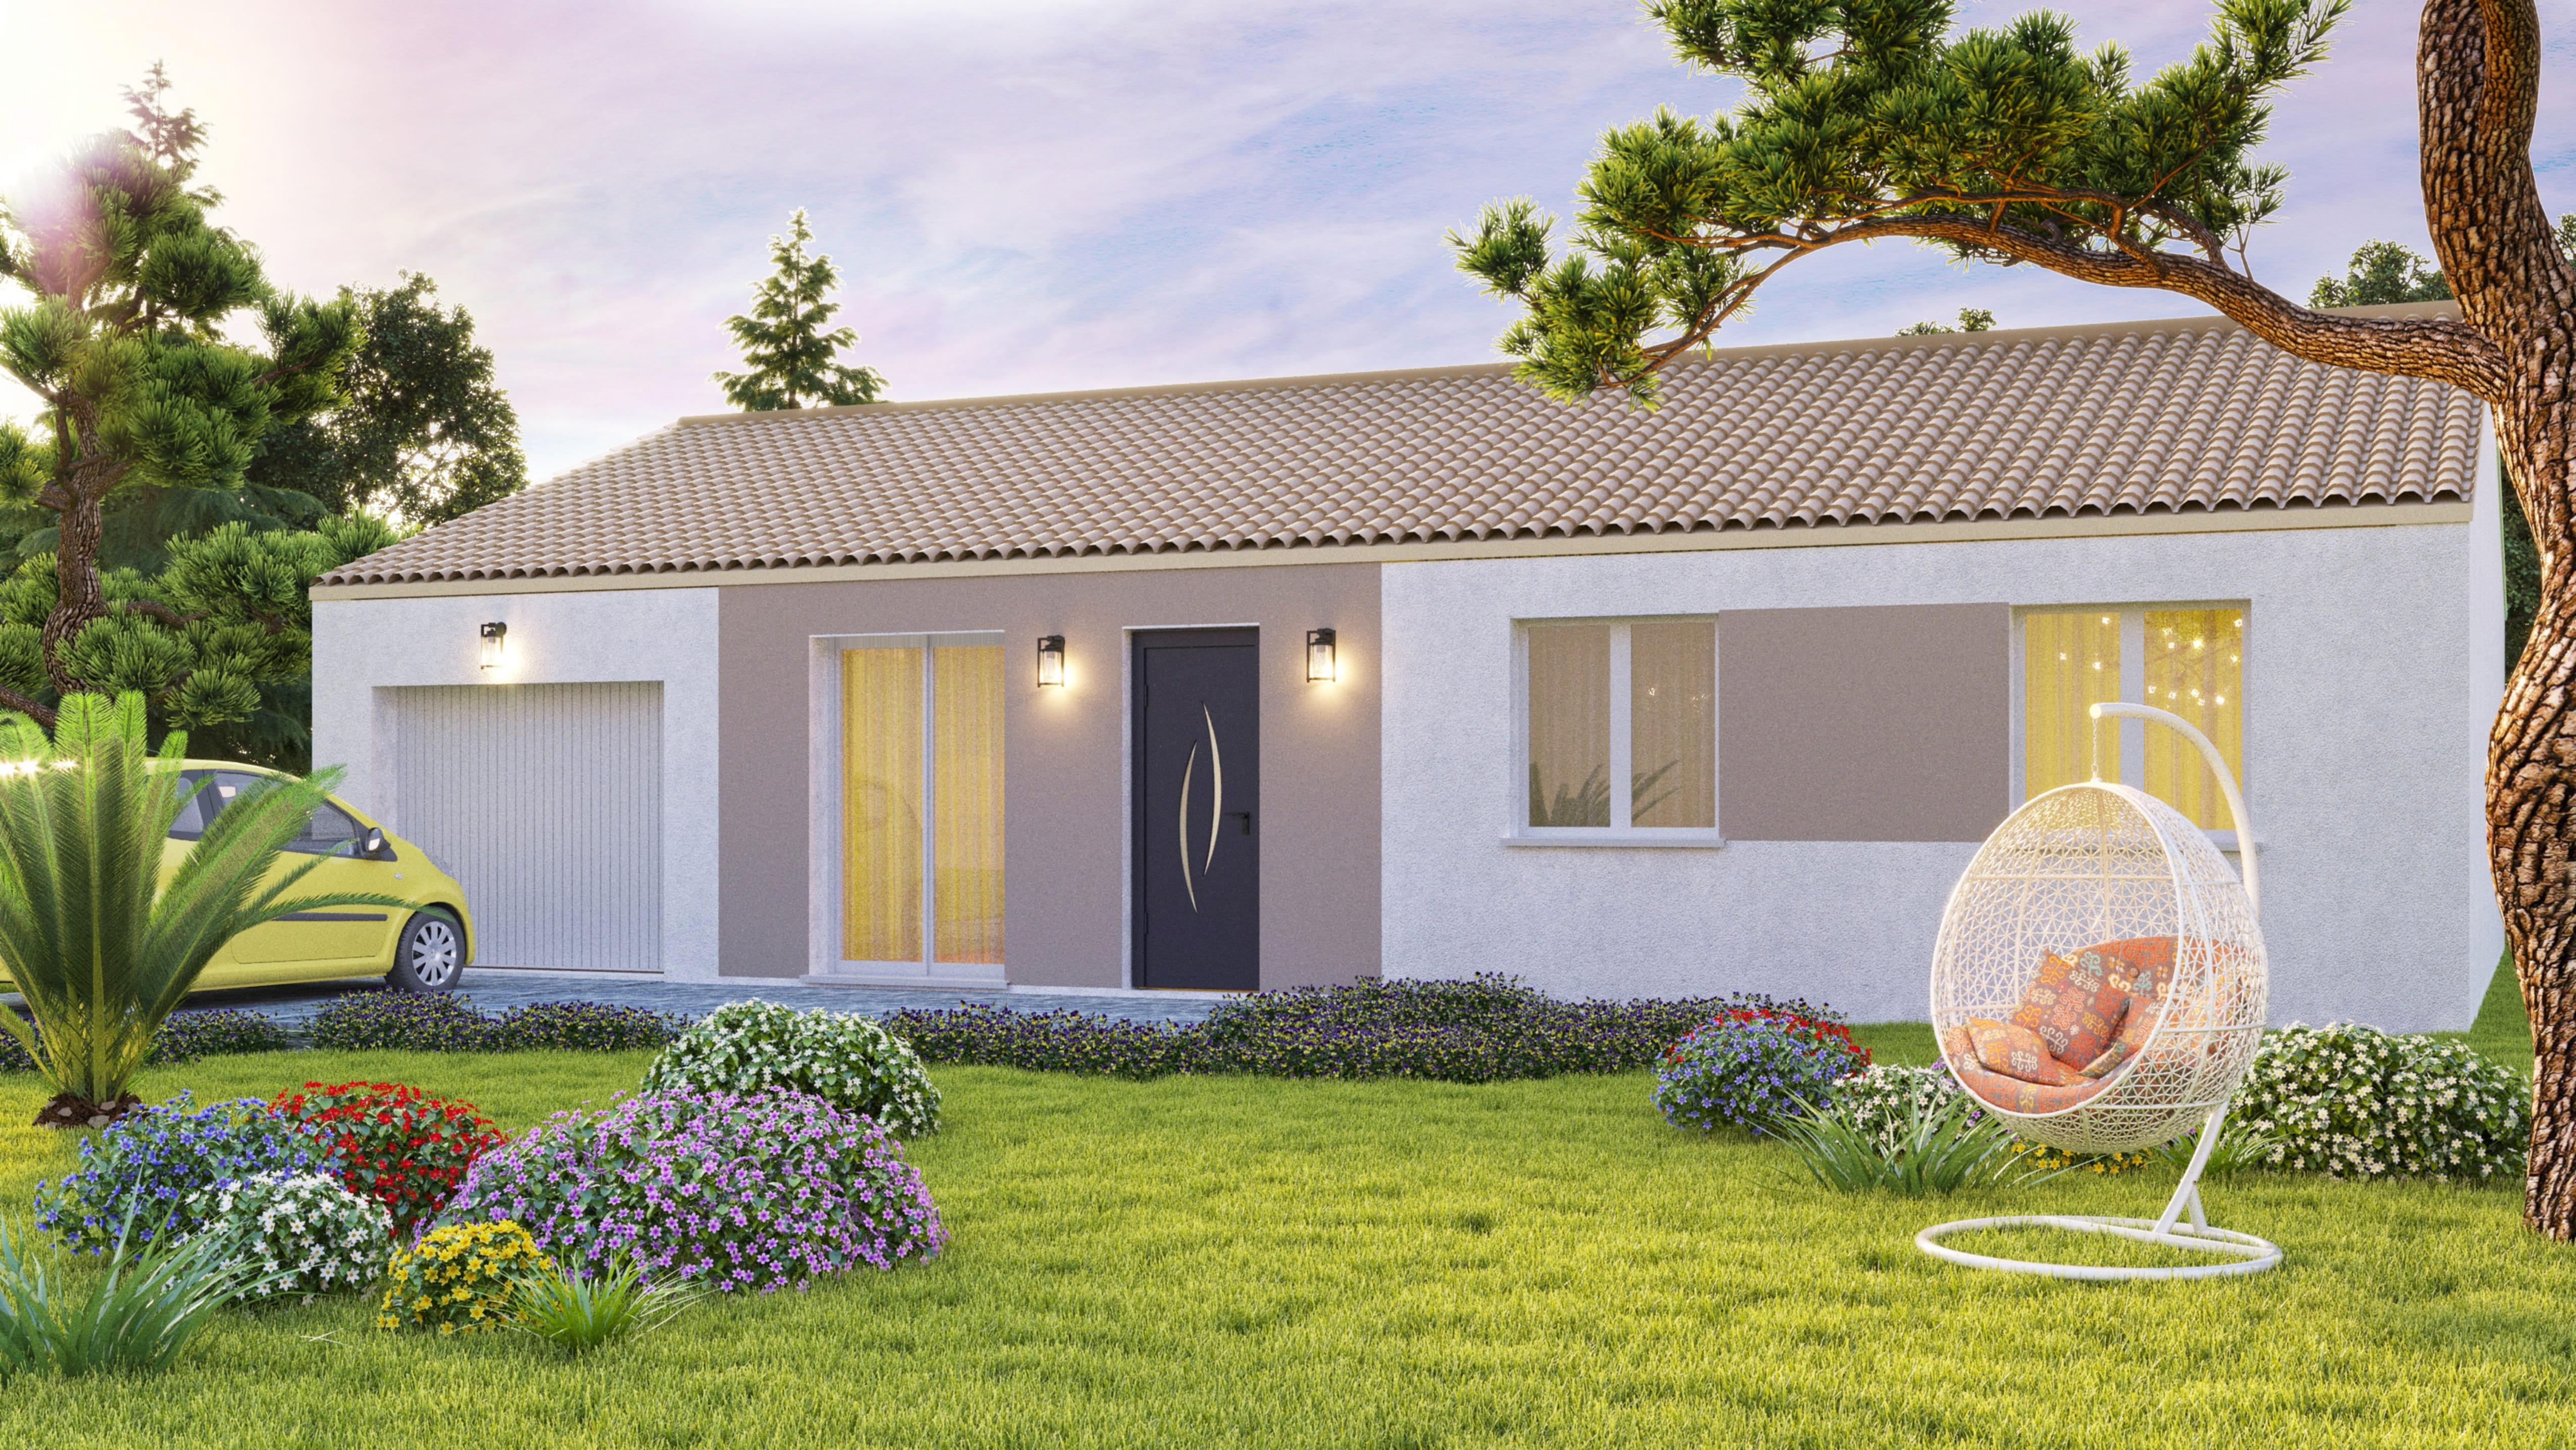 Maisons du constructeur VIV'HOME • 84 m² • SAINT MEDARD D'AUNIS